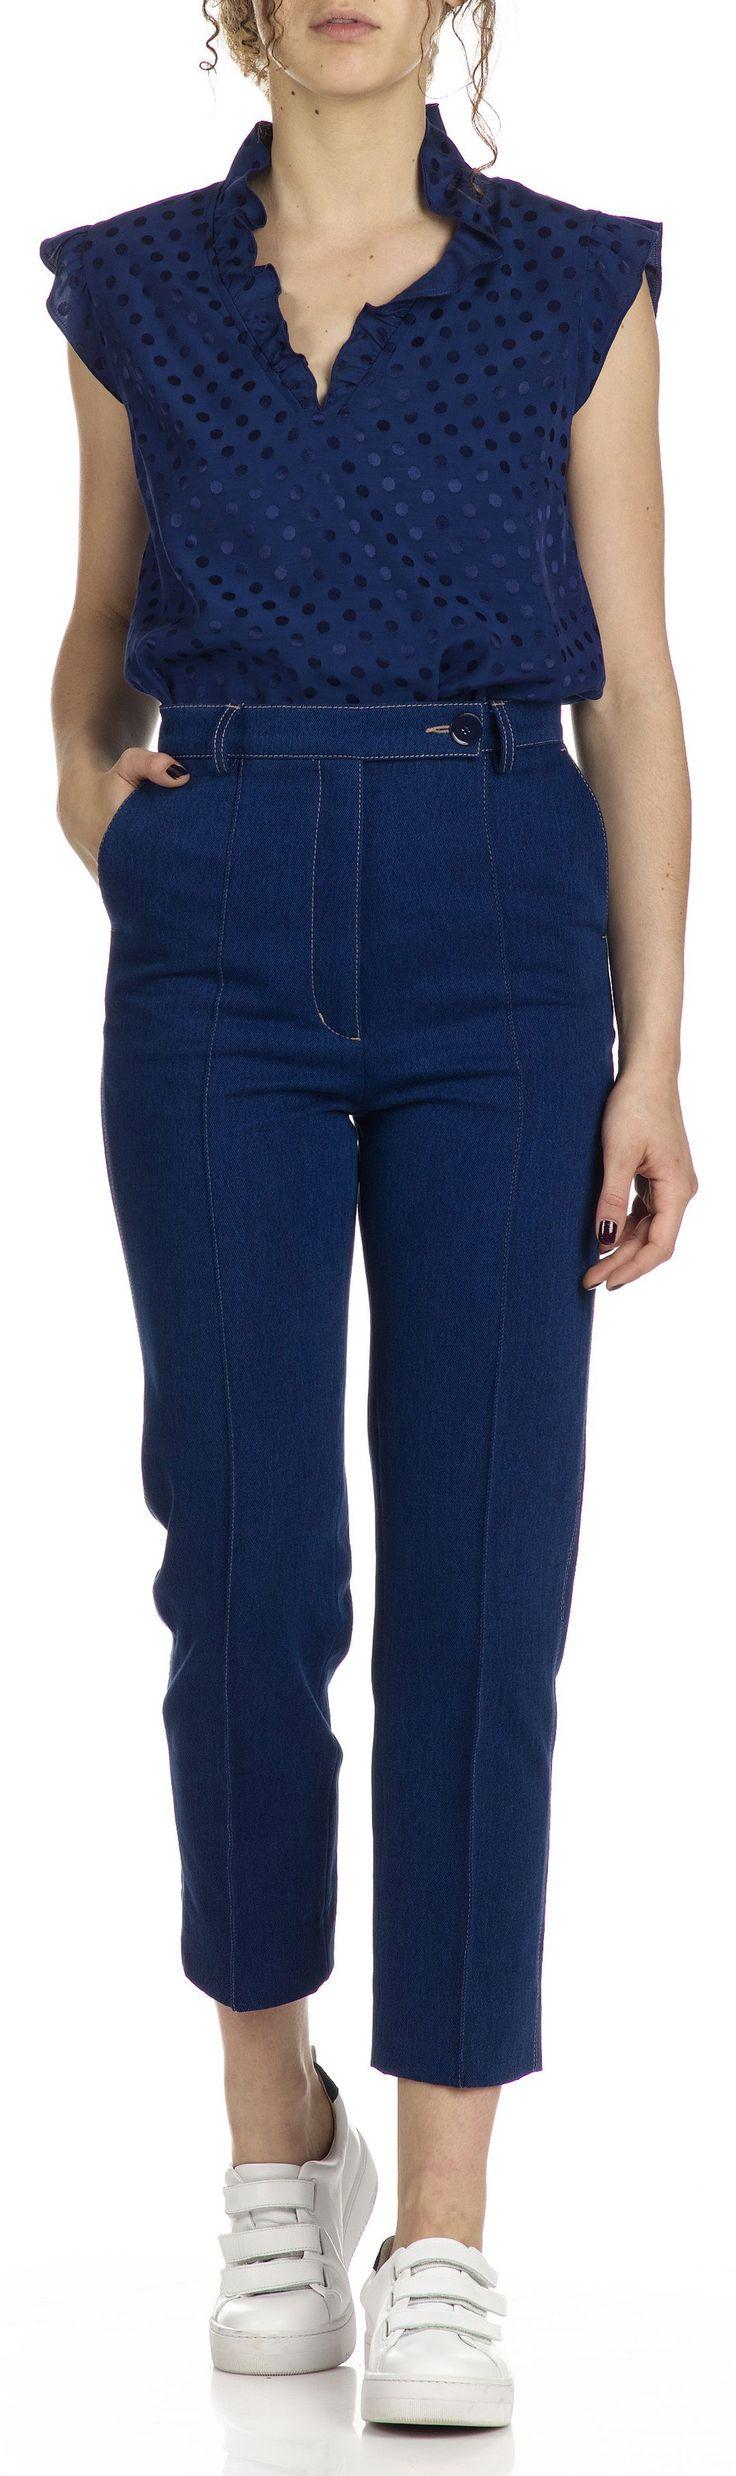 17 meilleures id es propos de pantalon taille haute femme sur pinterest pantalon femme. Black Bedroom Furniture Sets. Home Design Ideas